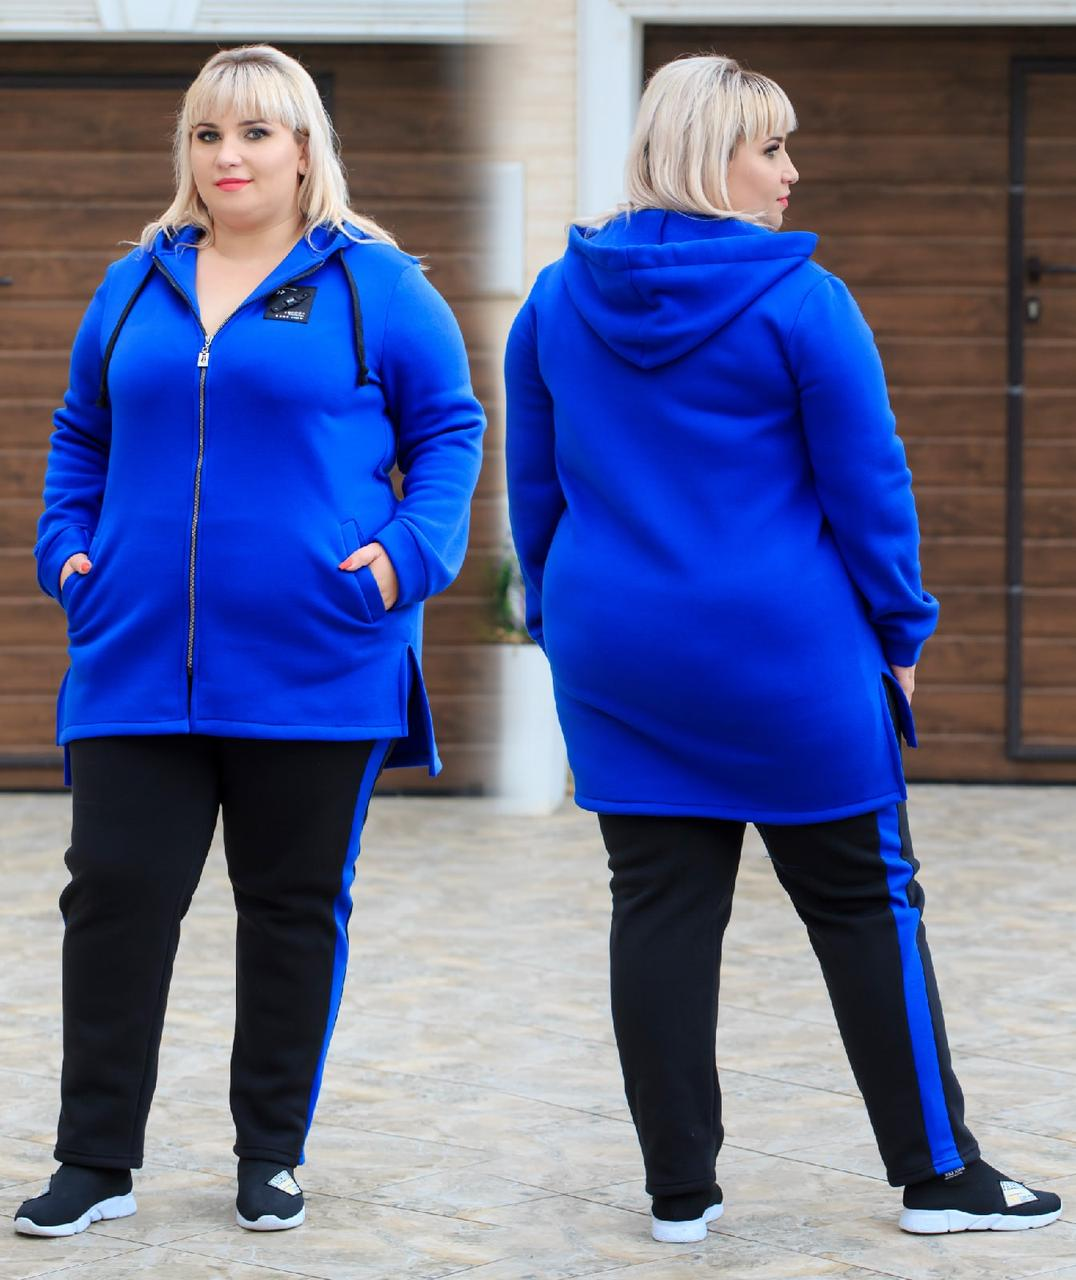 Женский зимний теплый спортивный костюм: длинная кофта с капюшоном и штаны, супер батал большие размеры